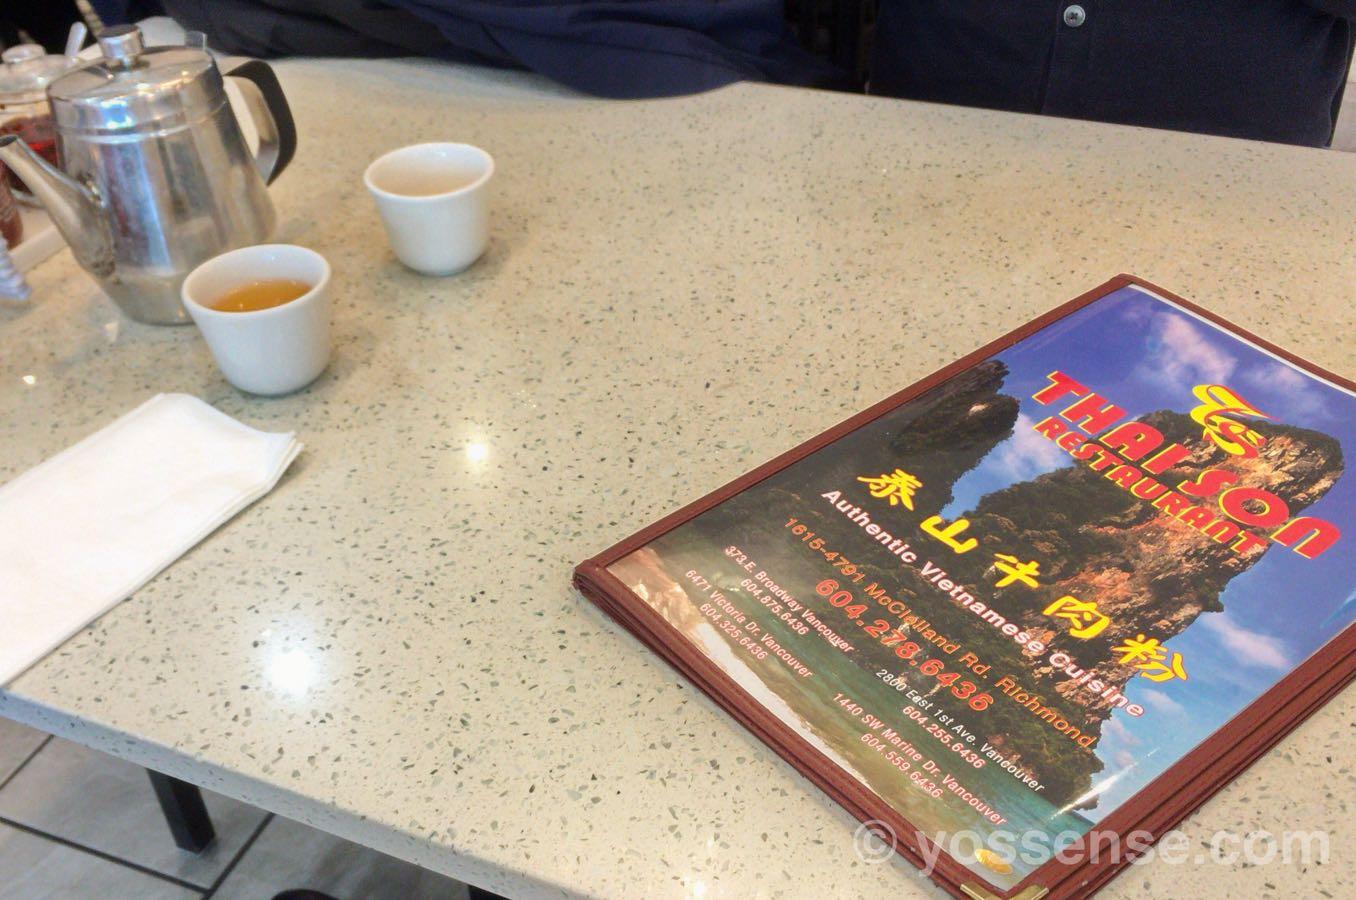 Thai Sonのテーブル